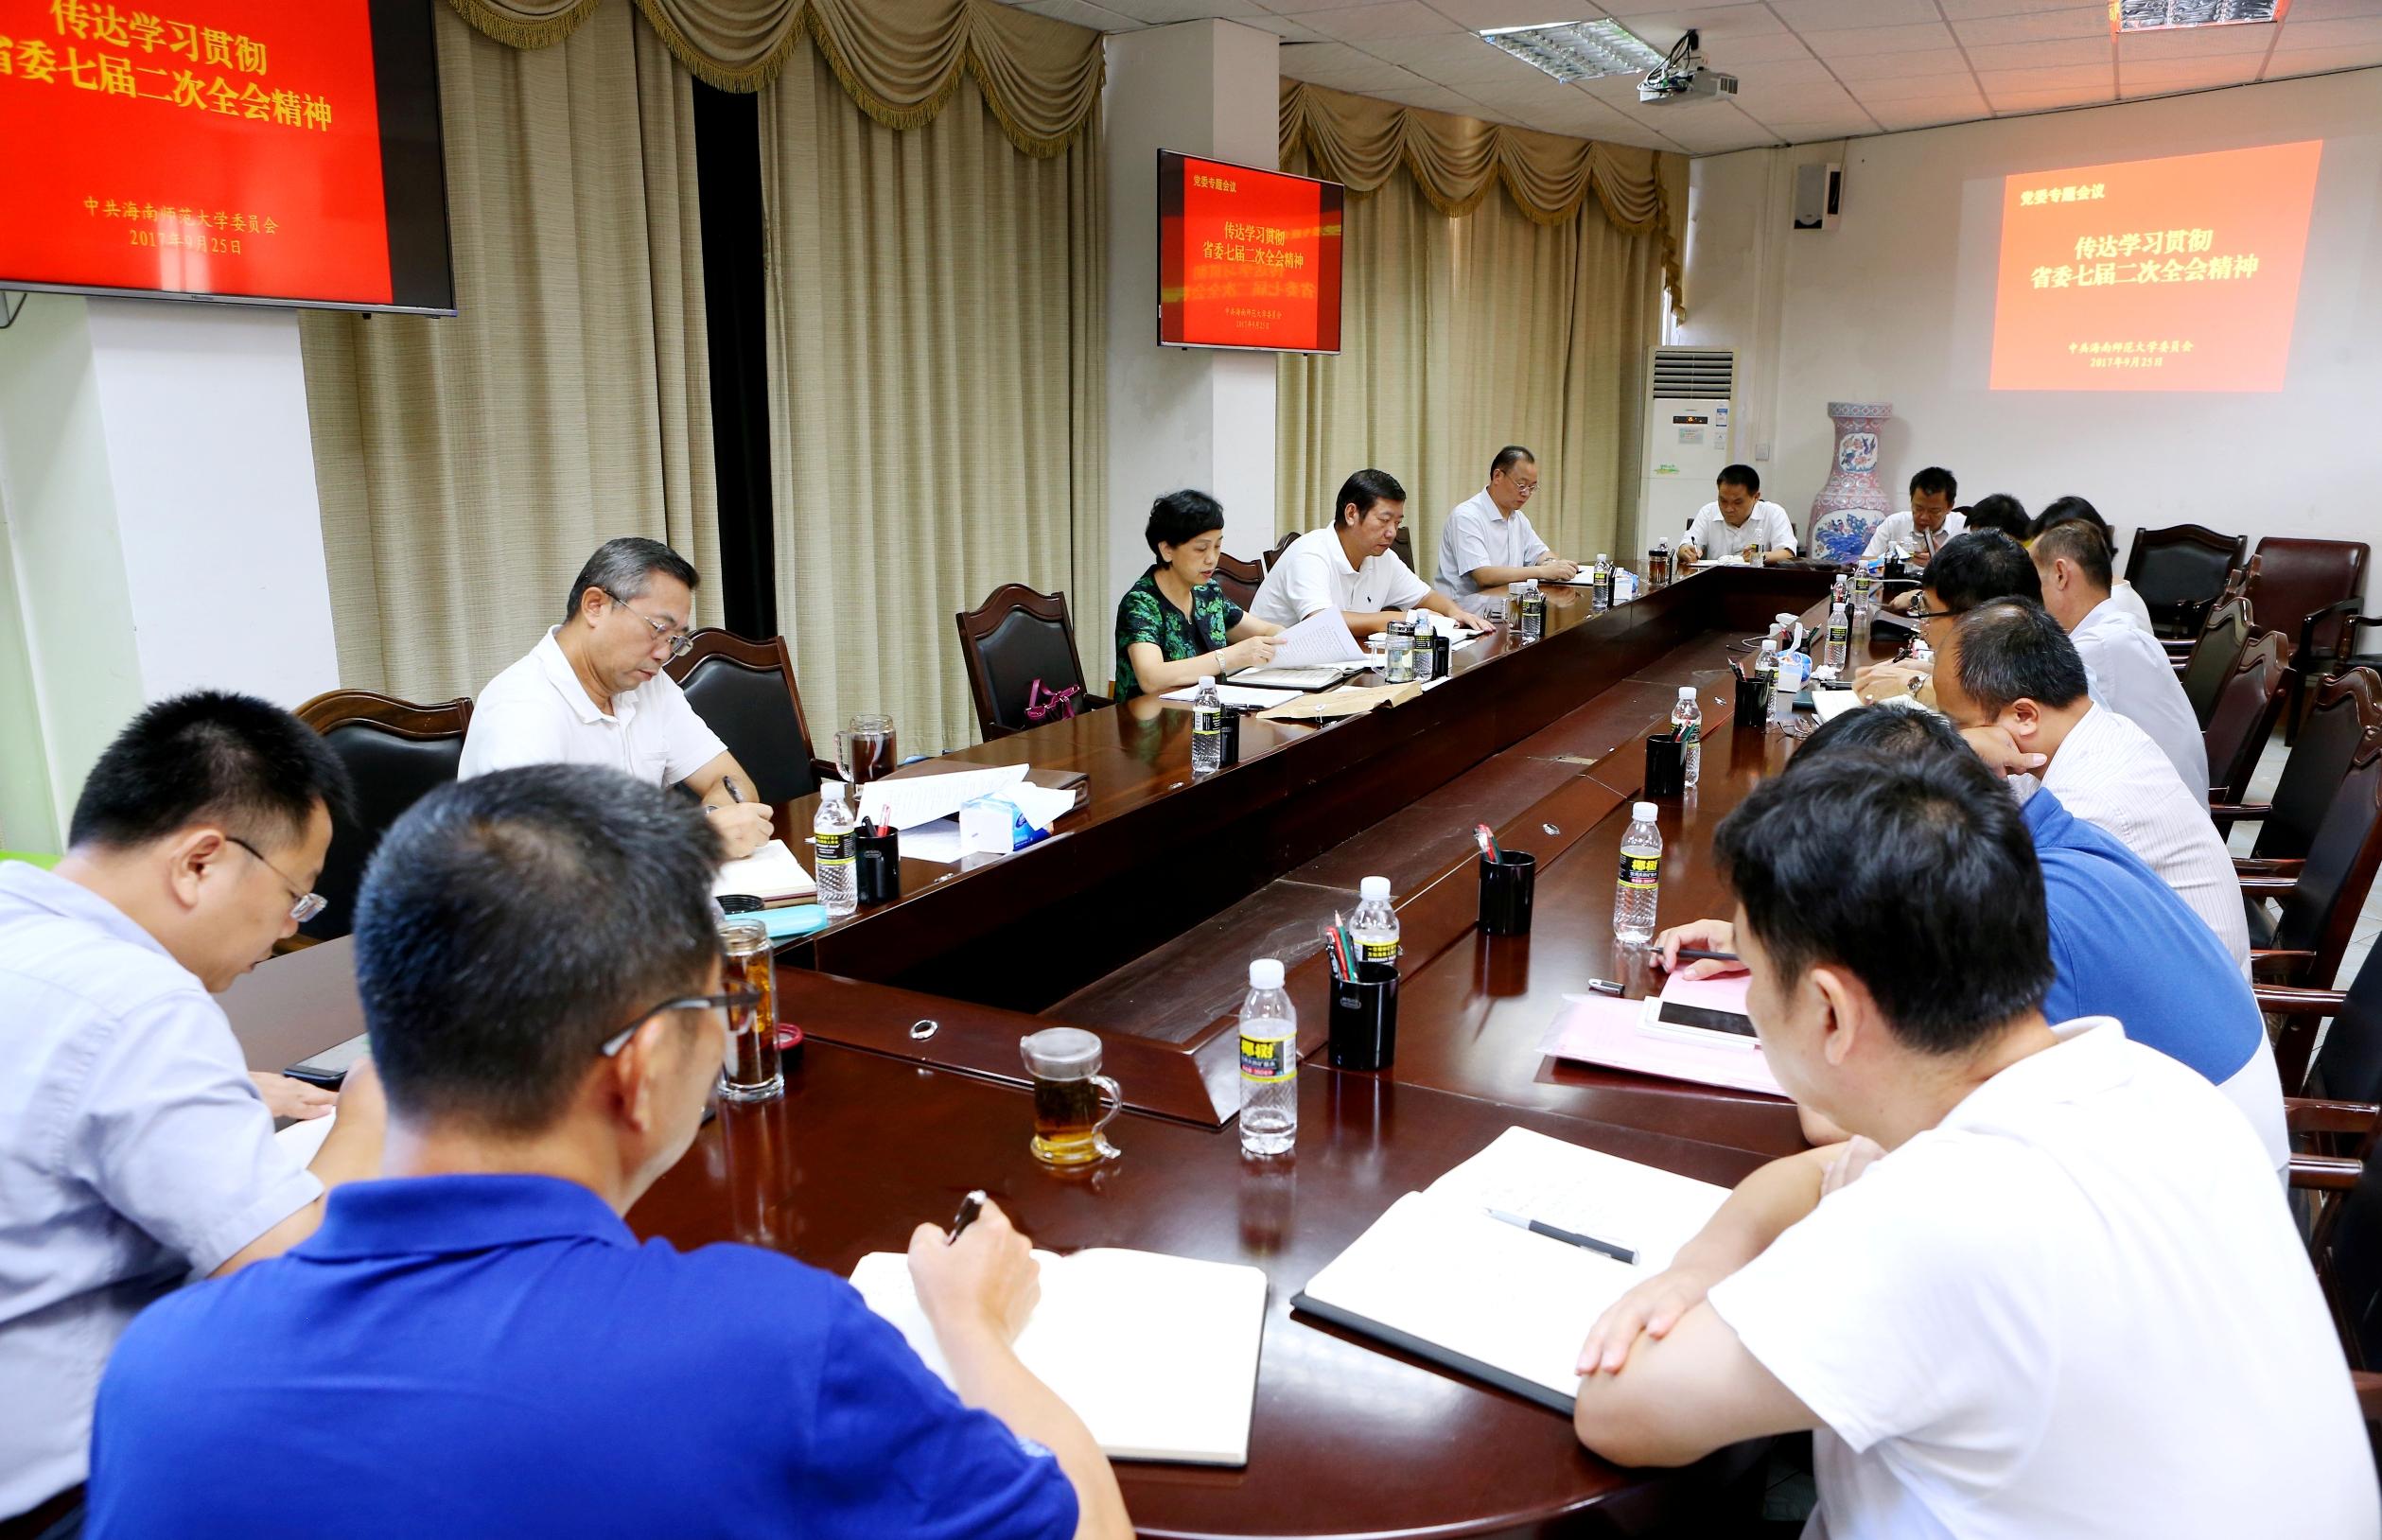 我校召开专题会议传达学习贯彻省委七届二次全会精神